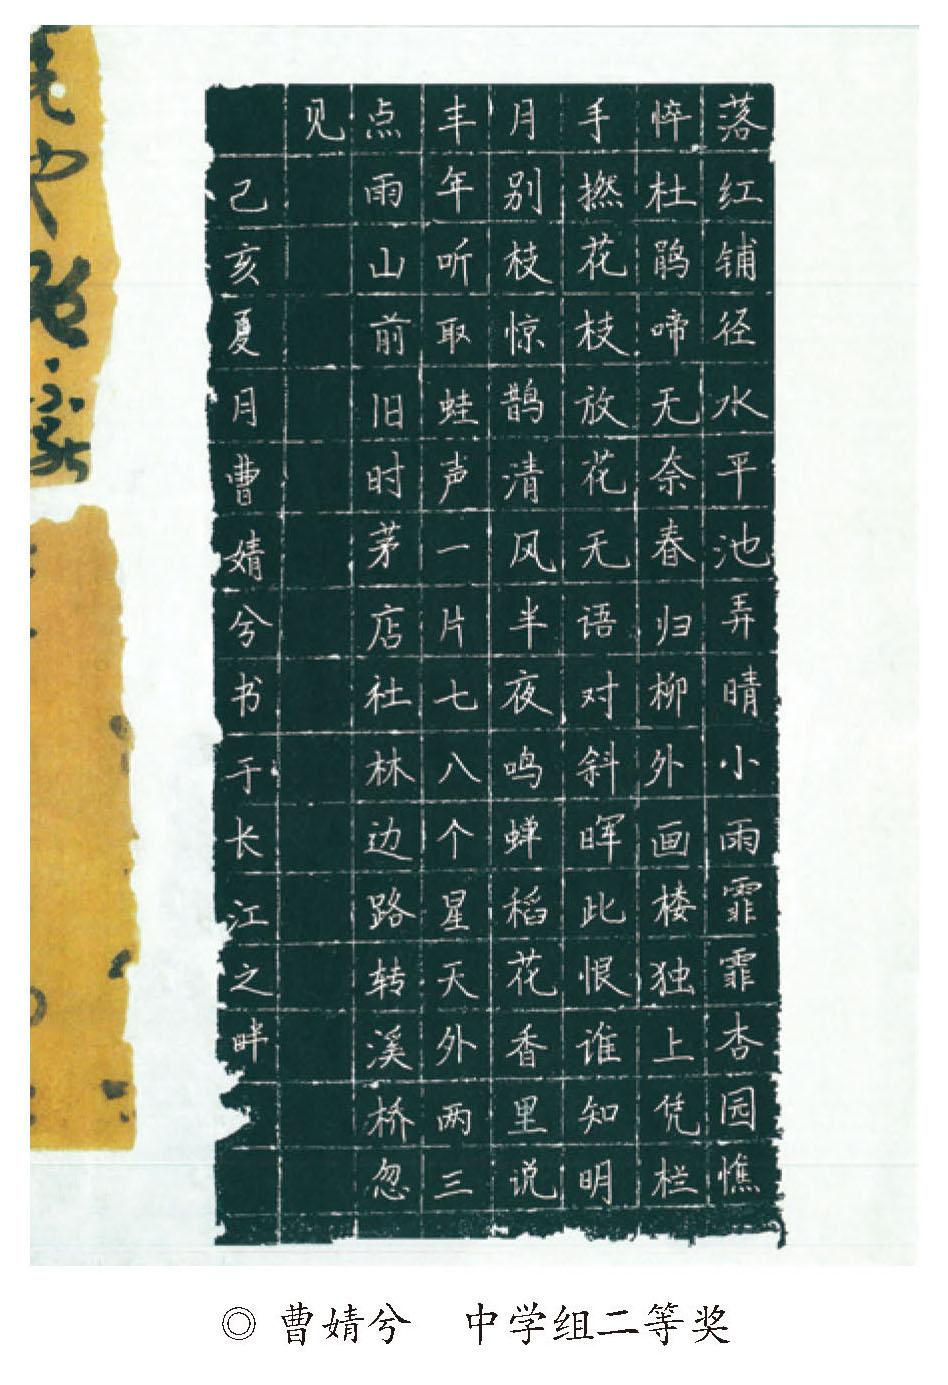 曹婧兮 中学组硬笔二等奖